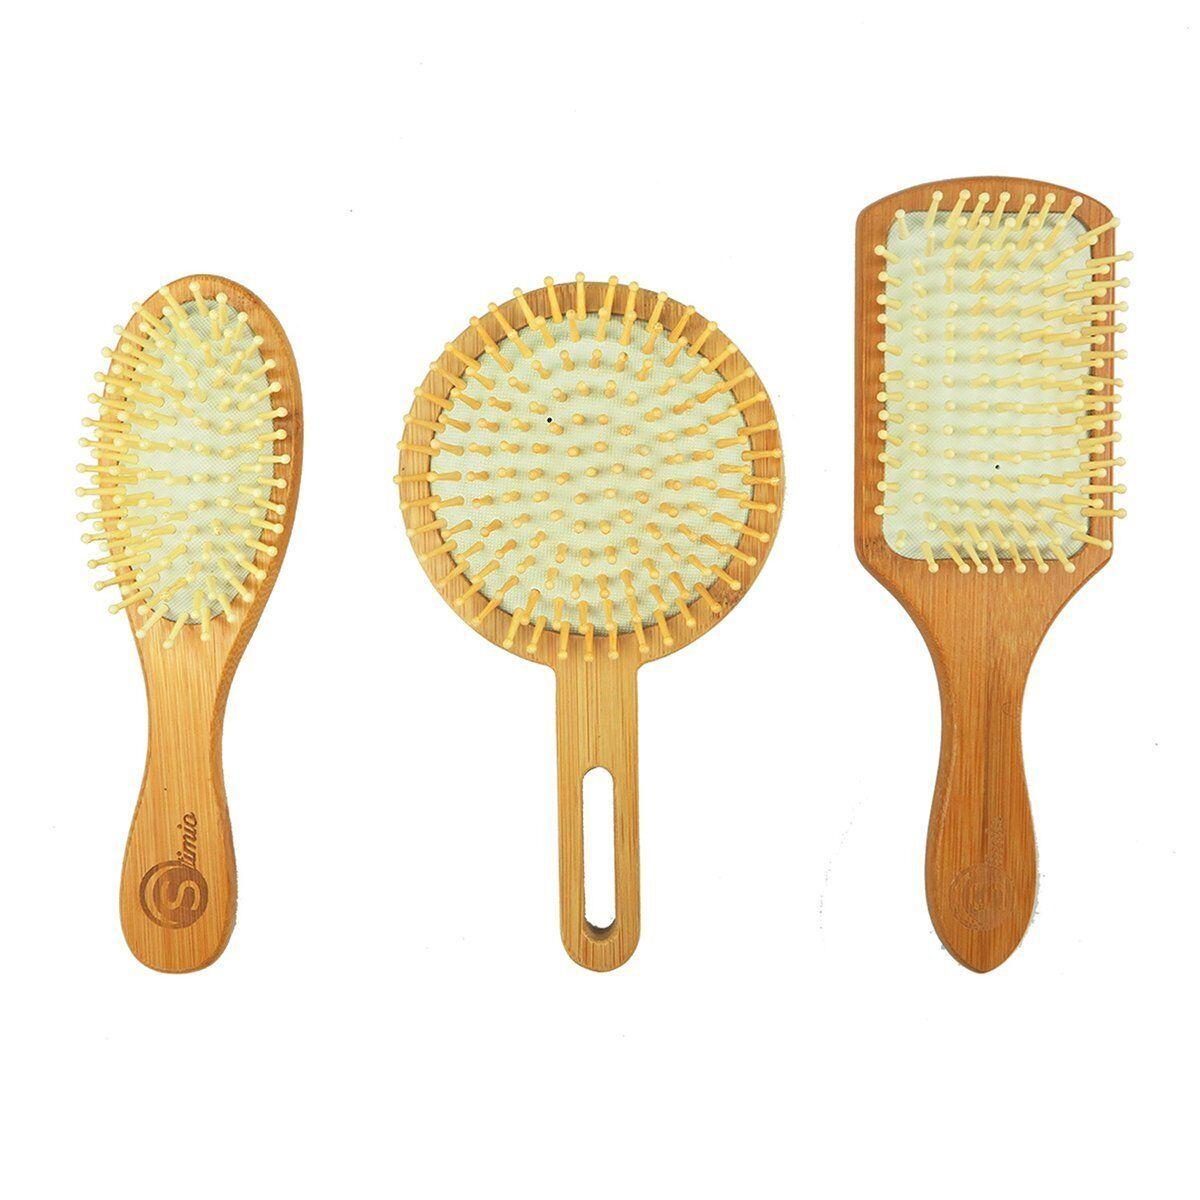 Bambus Haarkamm / Haarbürsten / Kopfhaut-Pflege / Antistatisch / 3 Designer